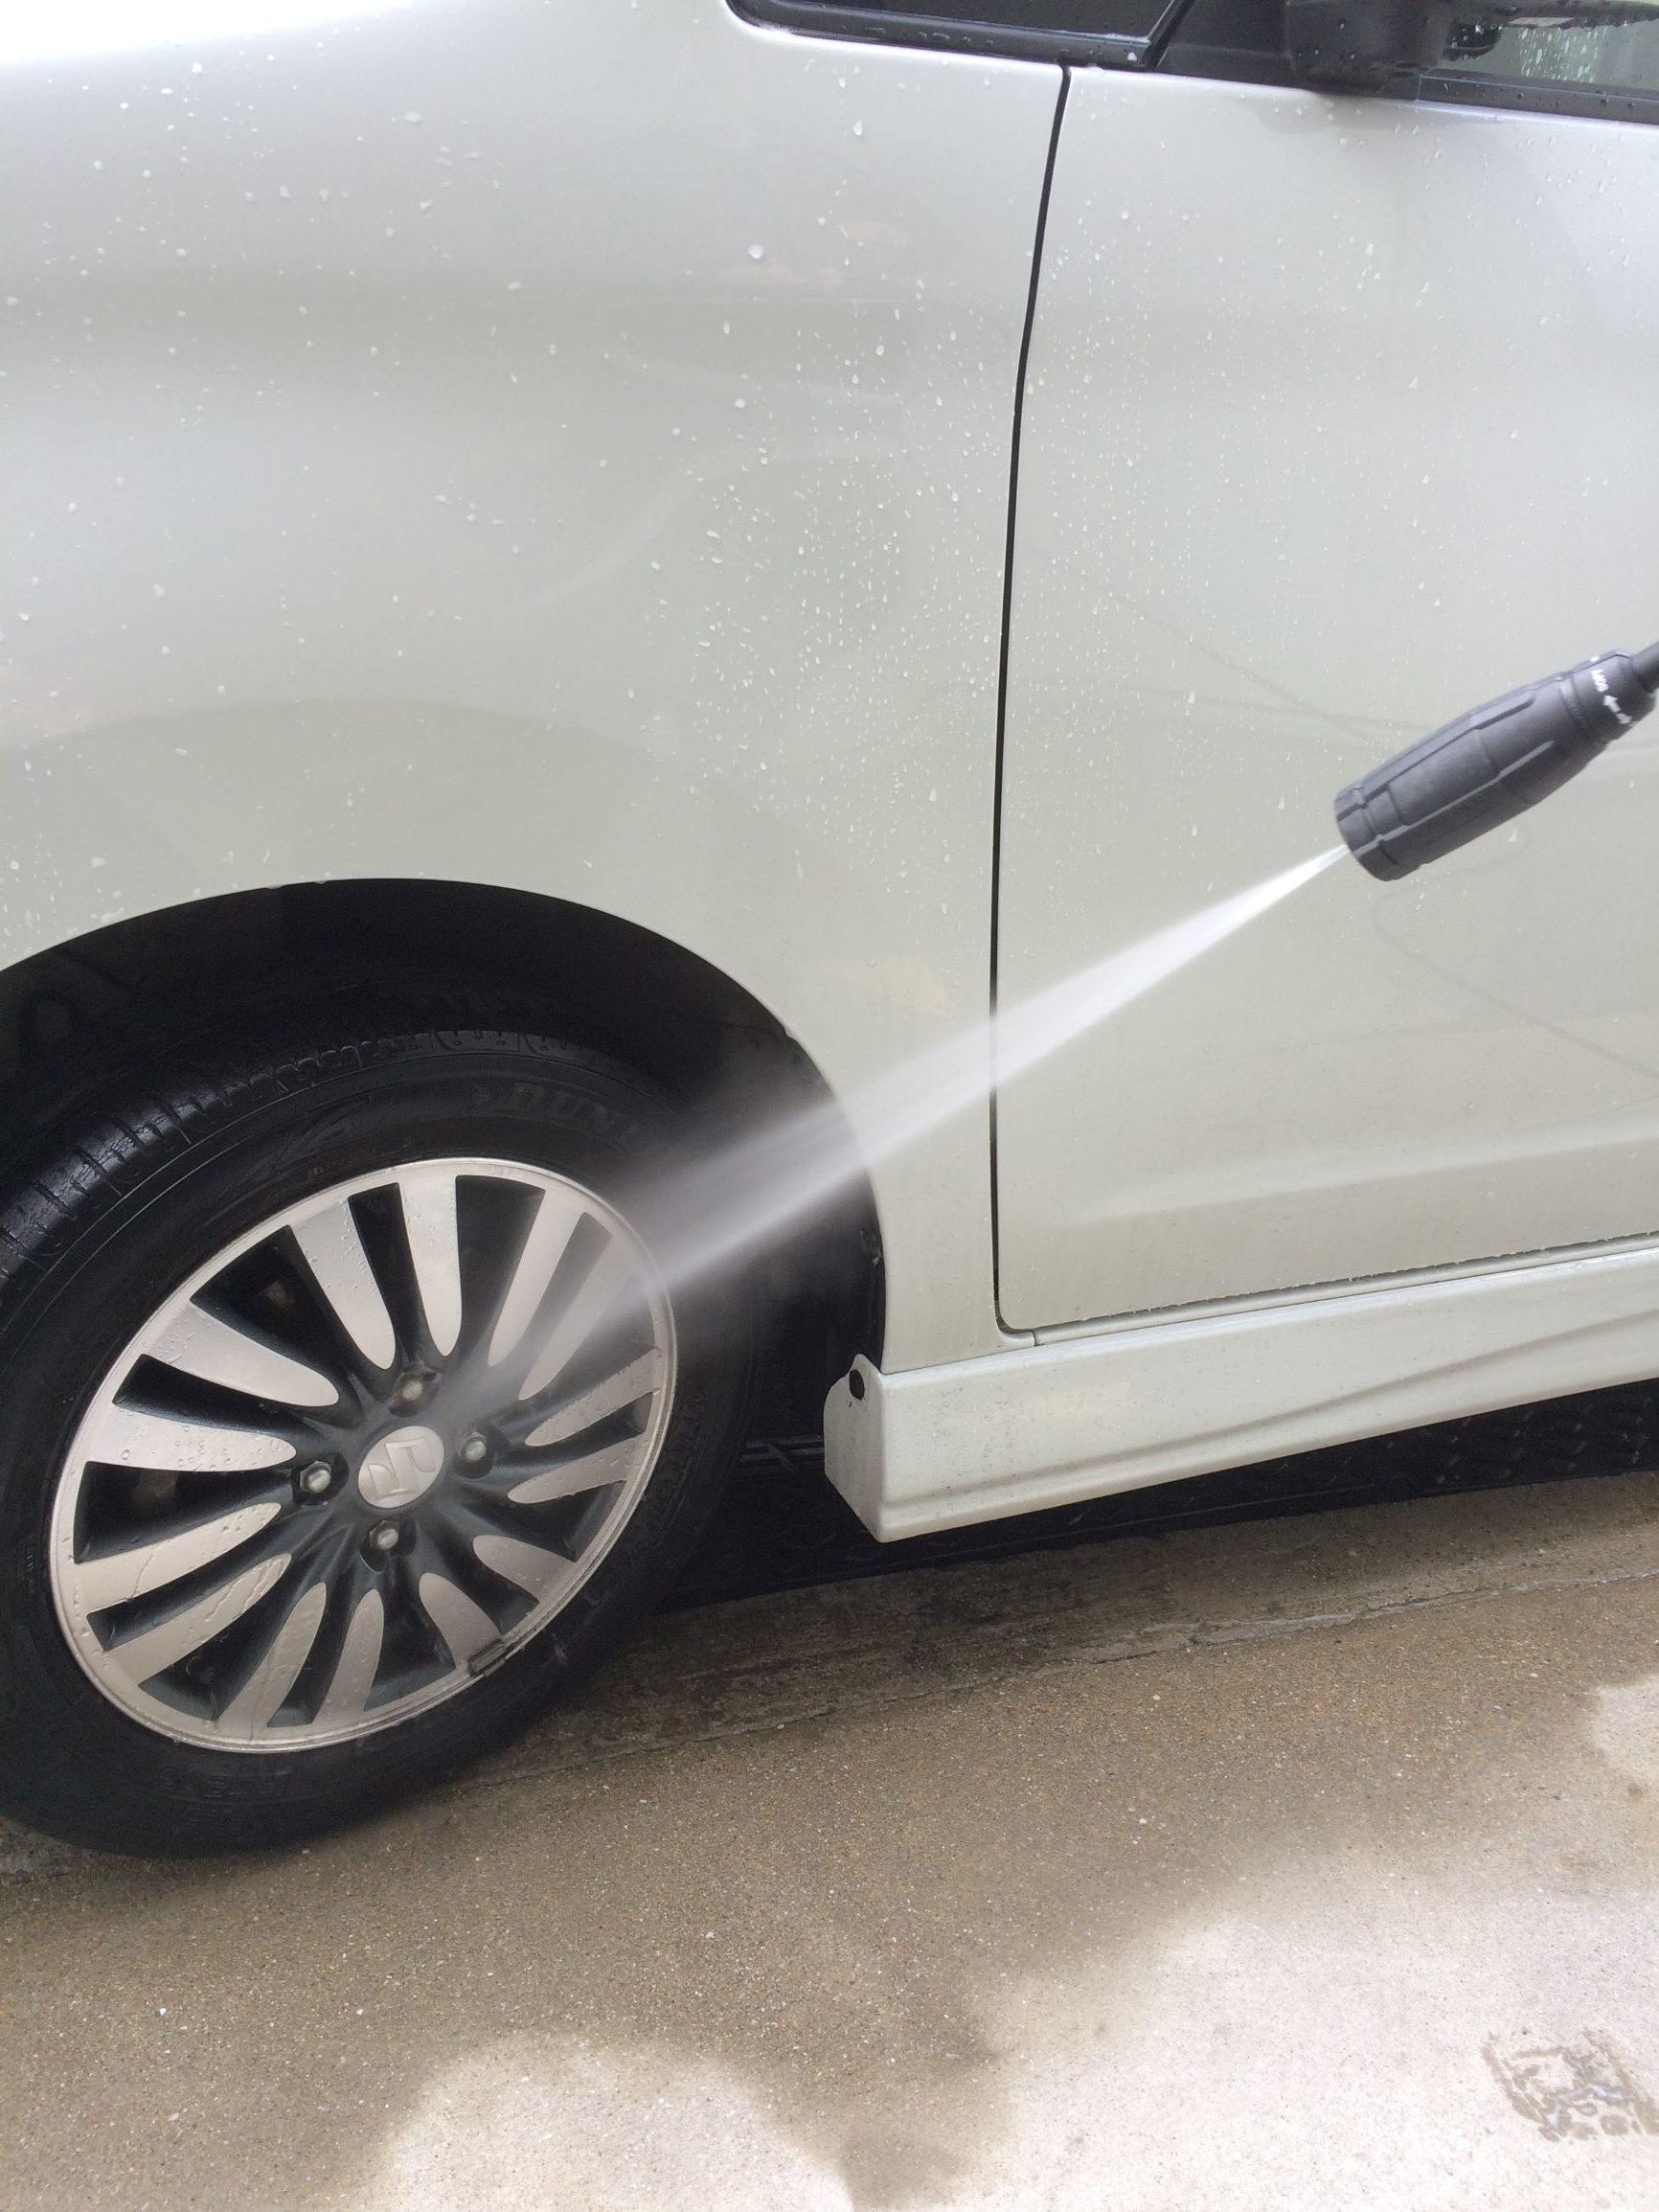 高圧洗浄機 洗車 デメリット